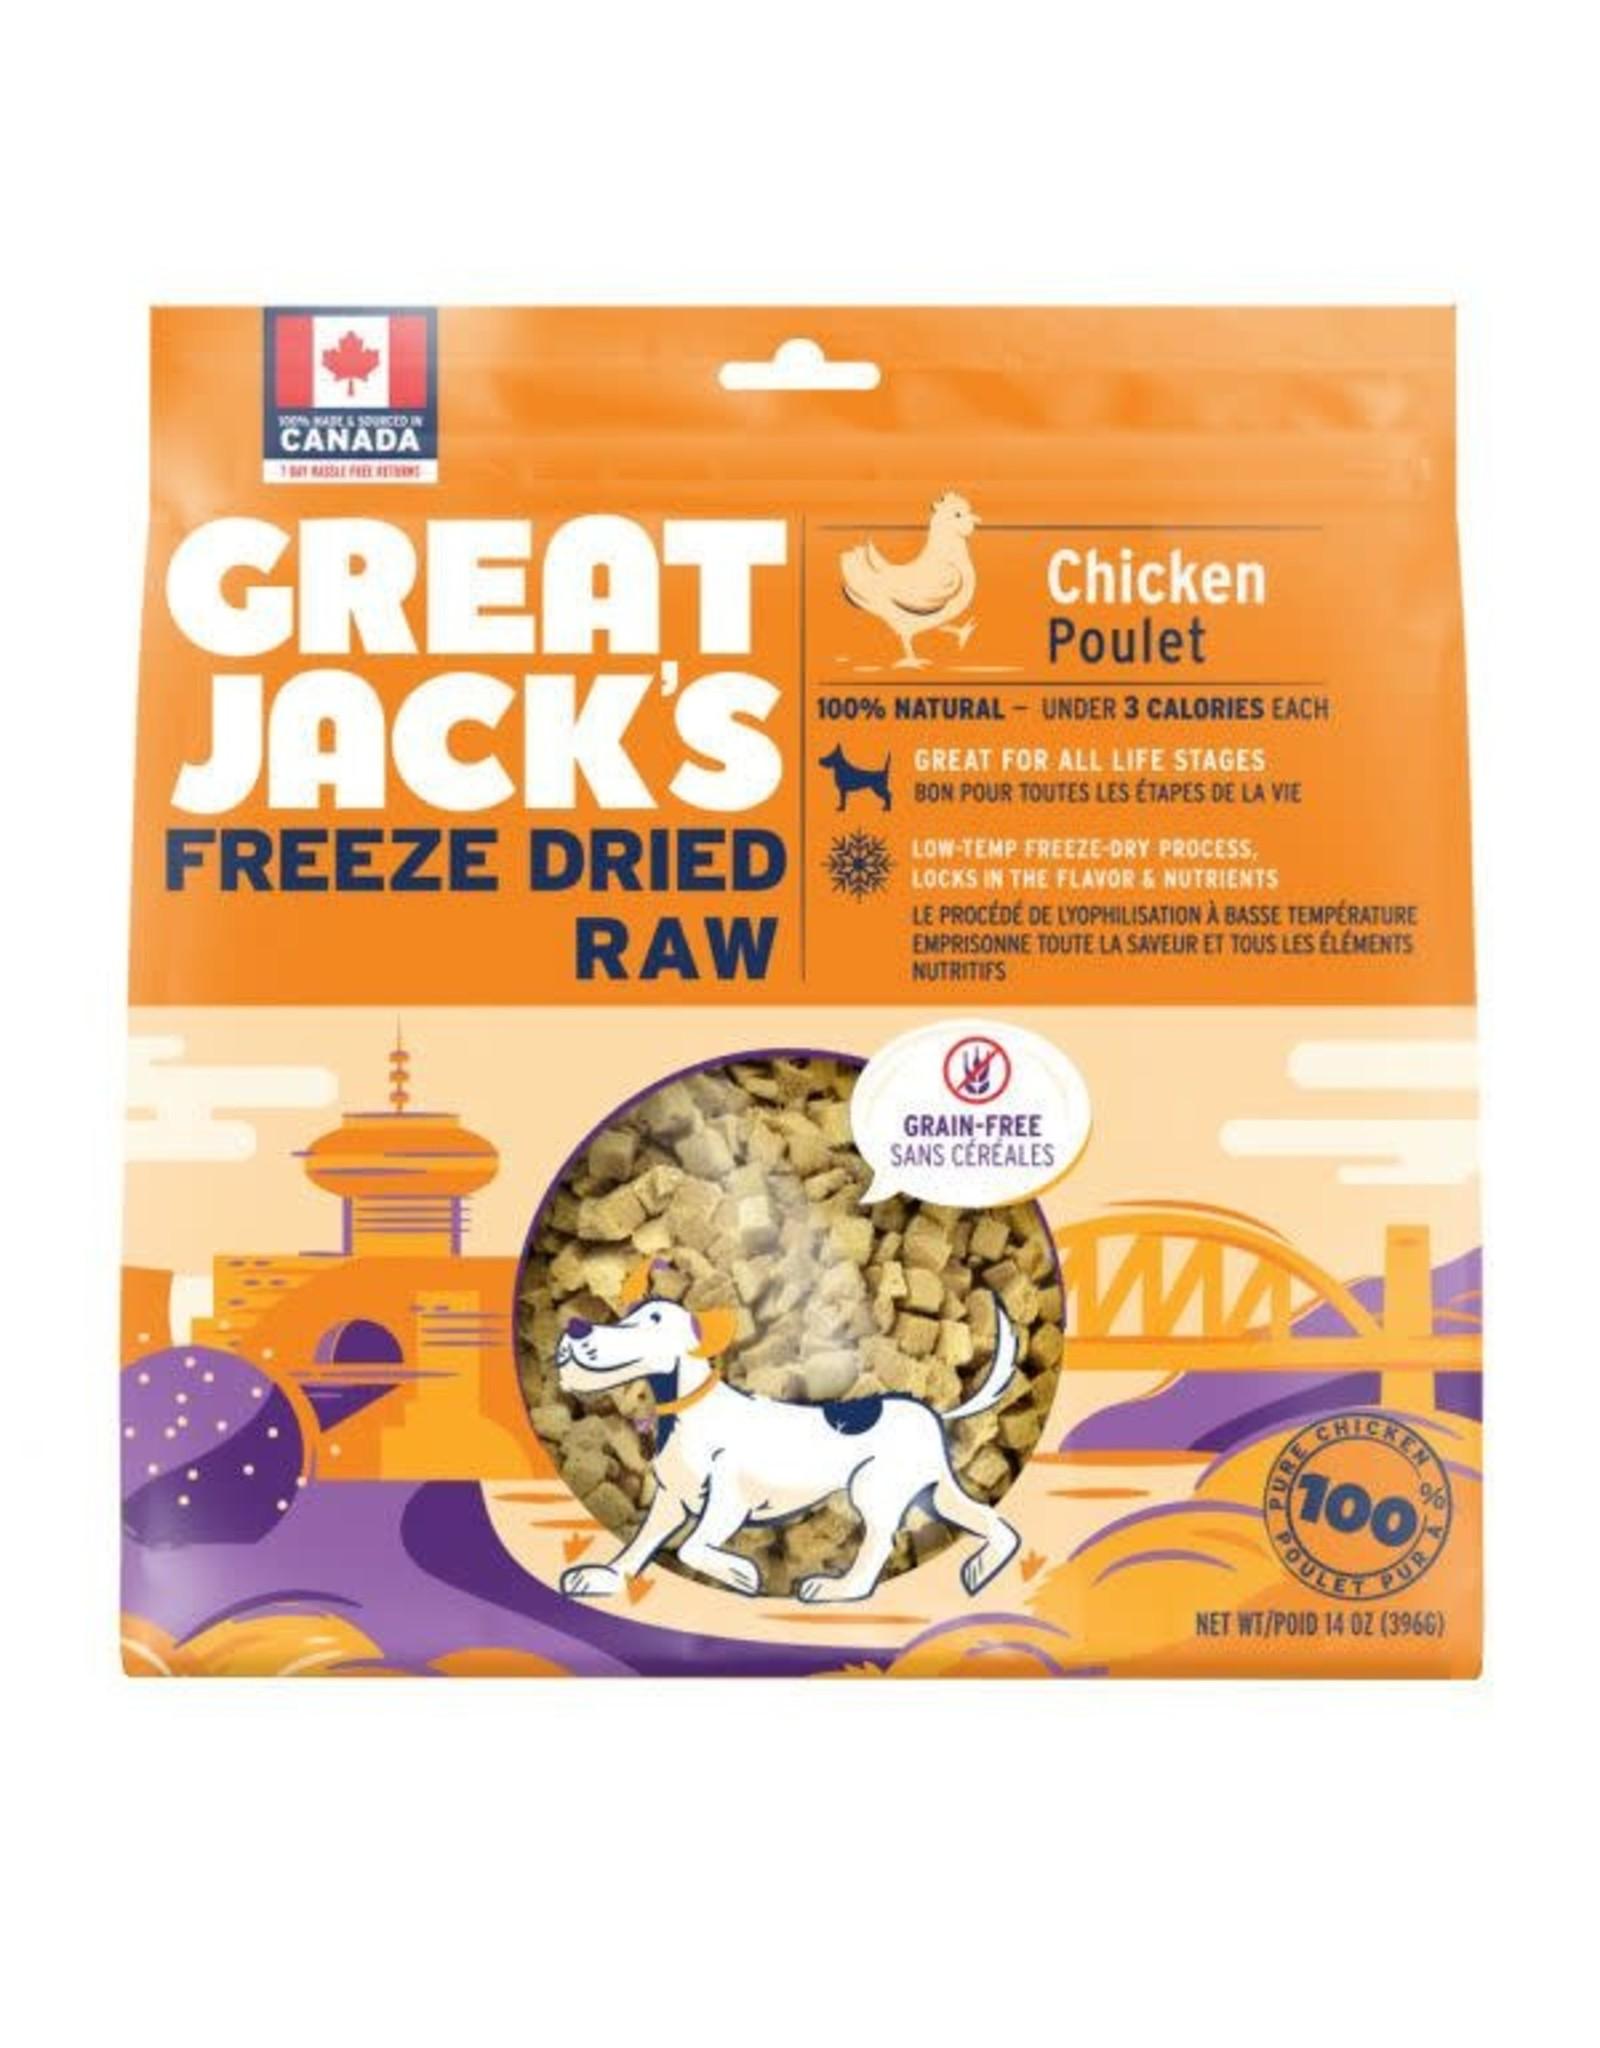 Great jacks Freeze Dried Raw Chicken 396g